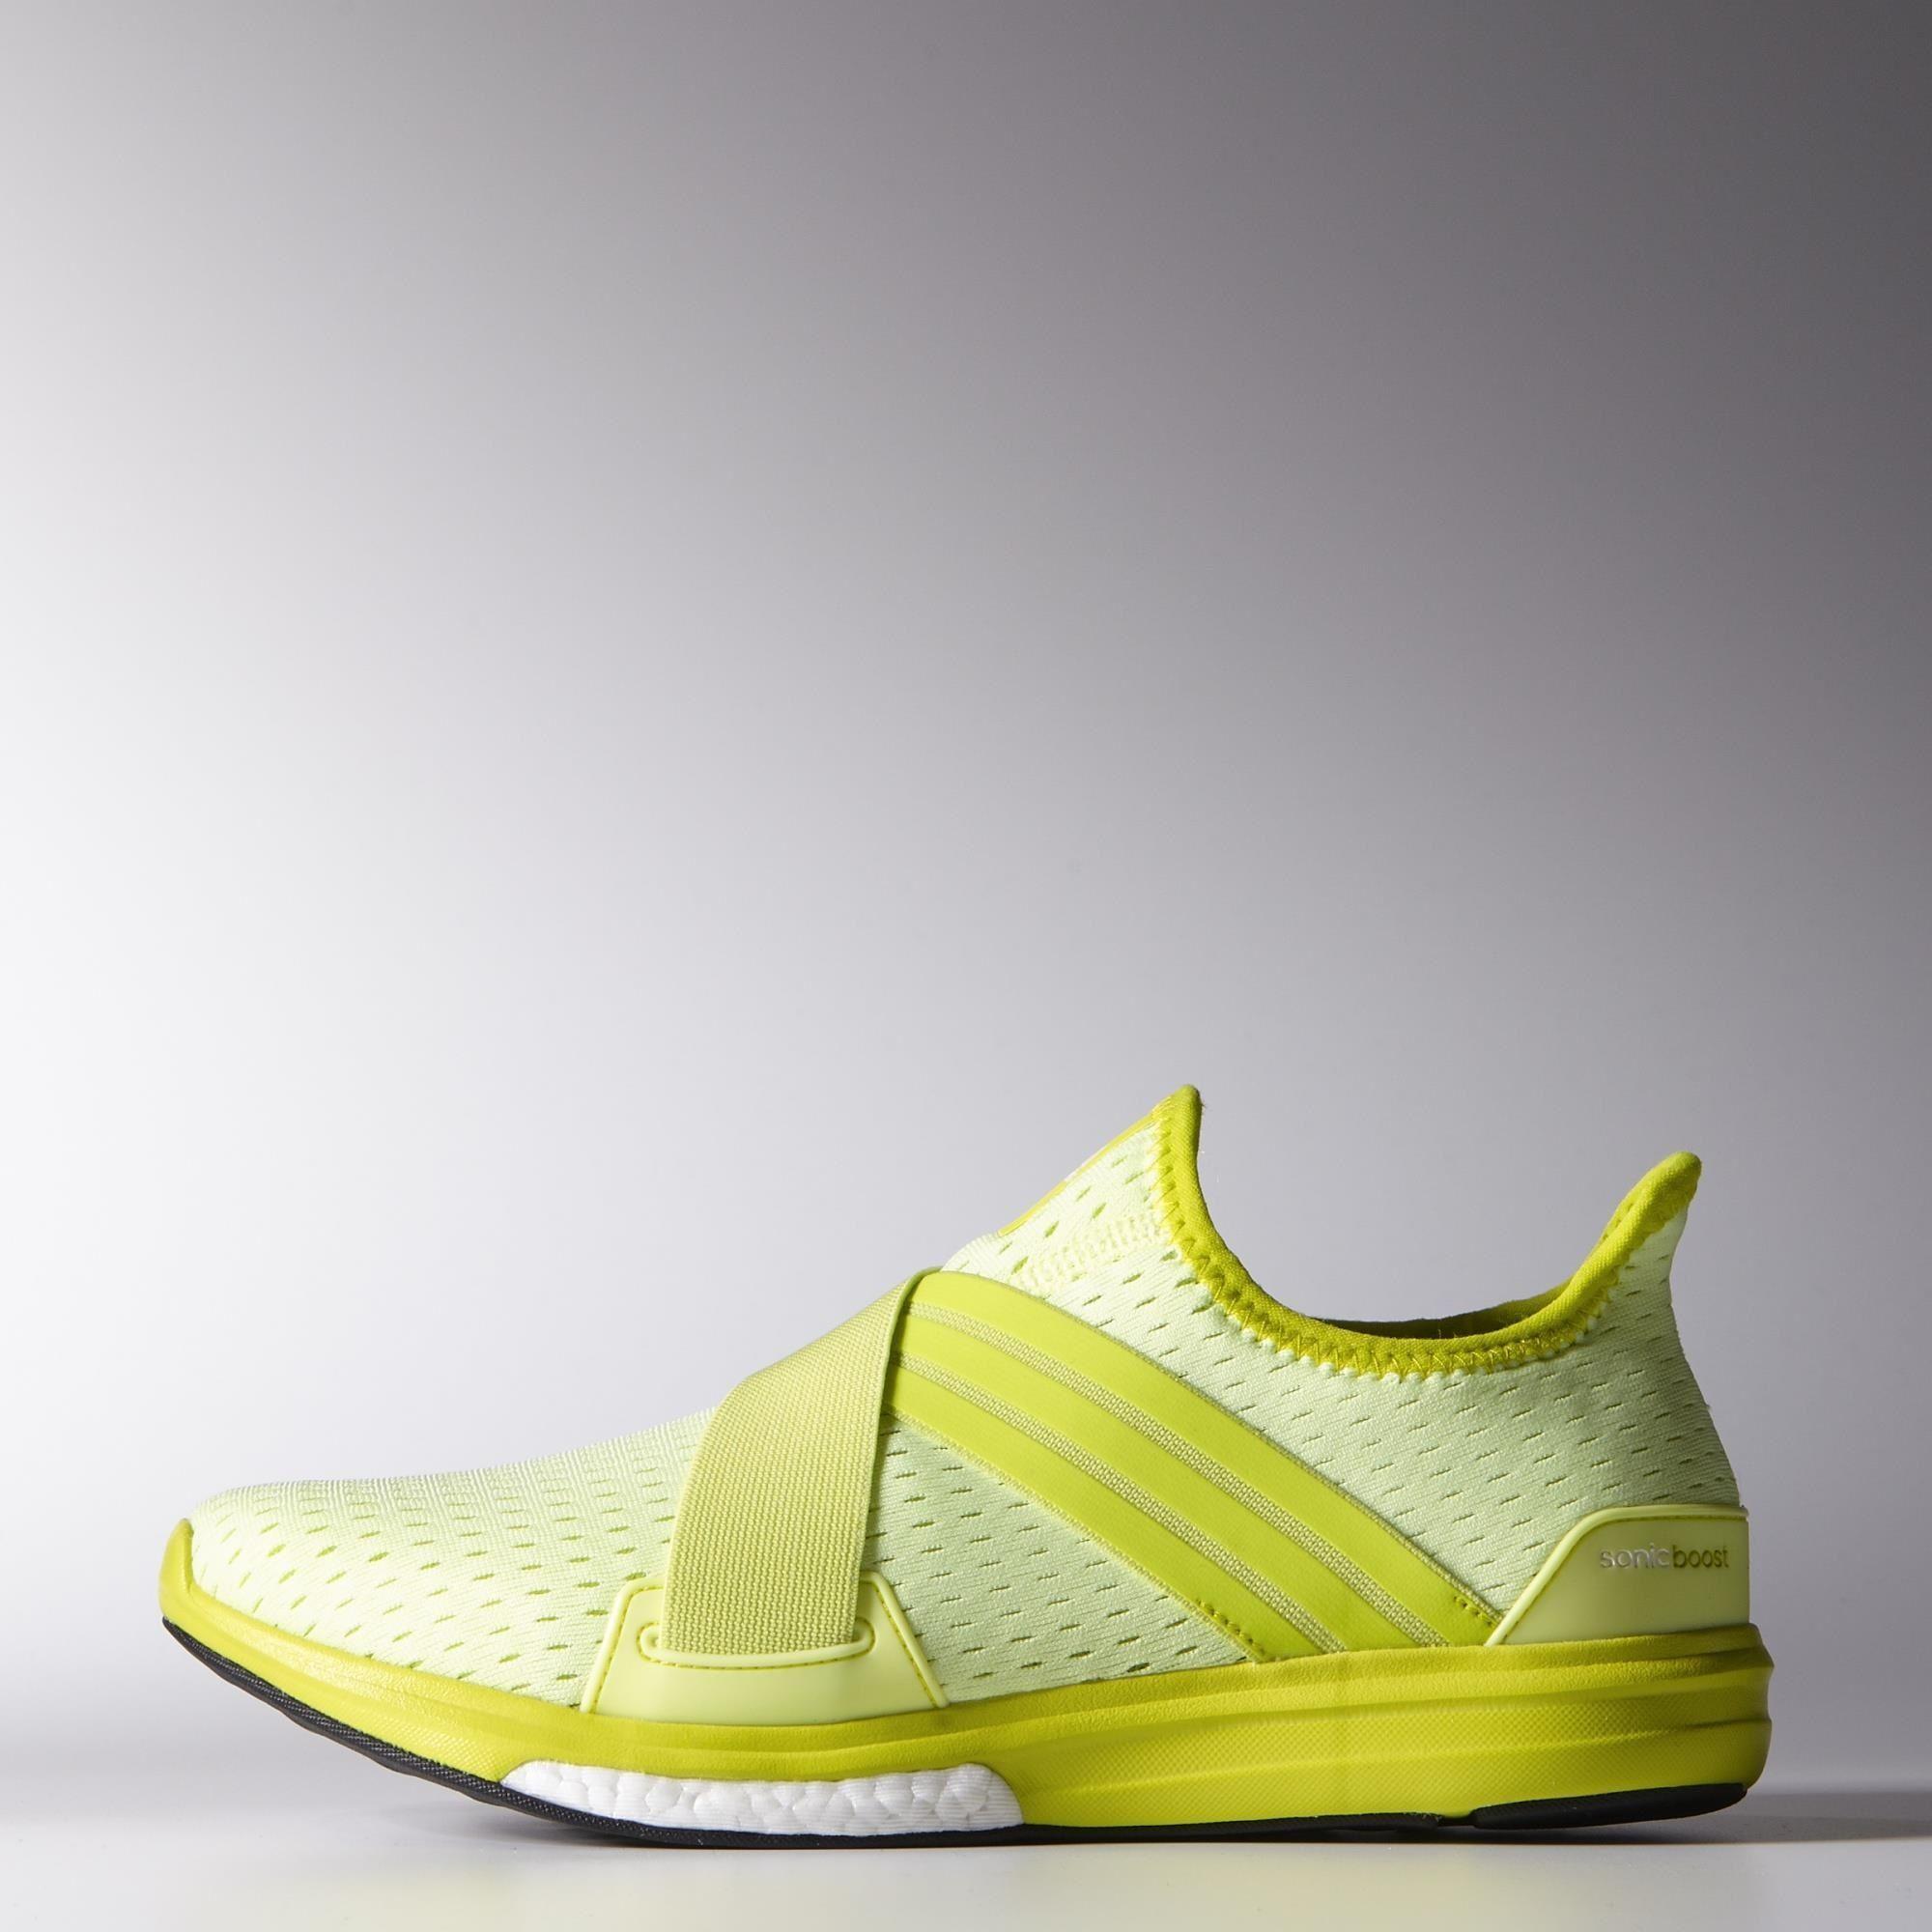 Adidas climachill beige